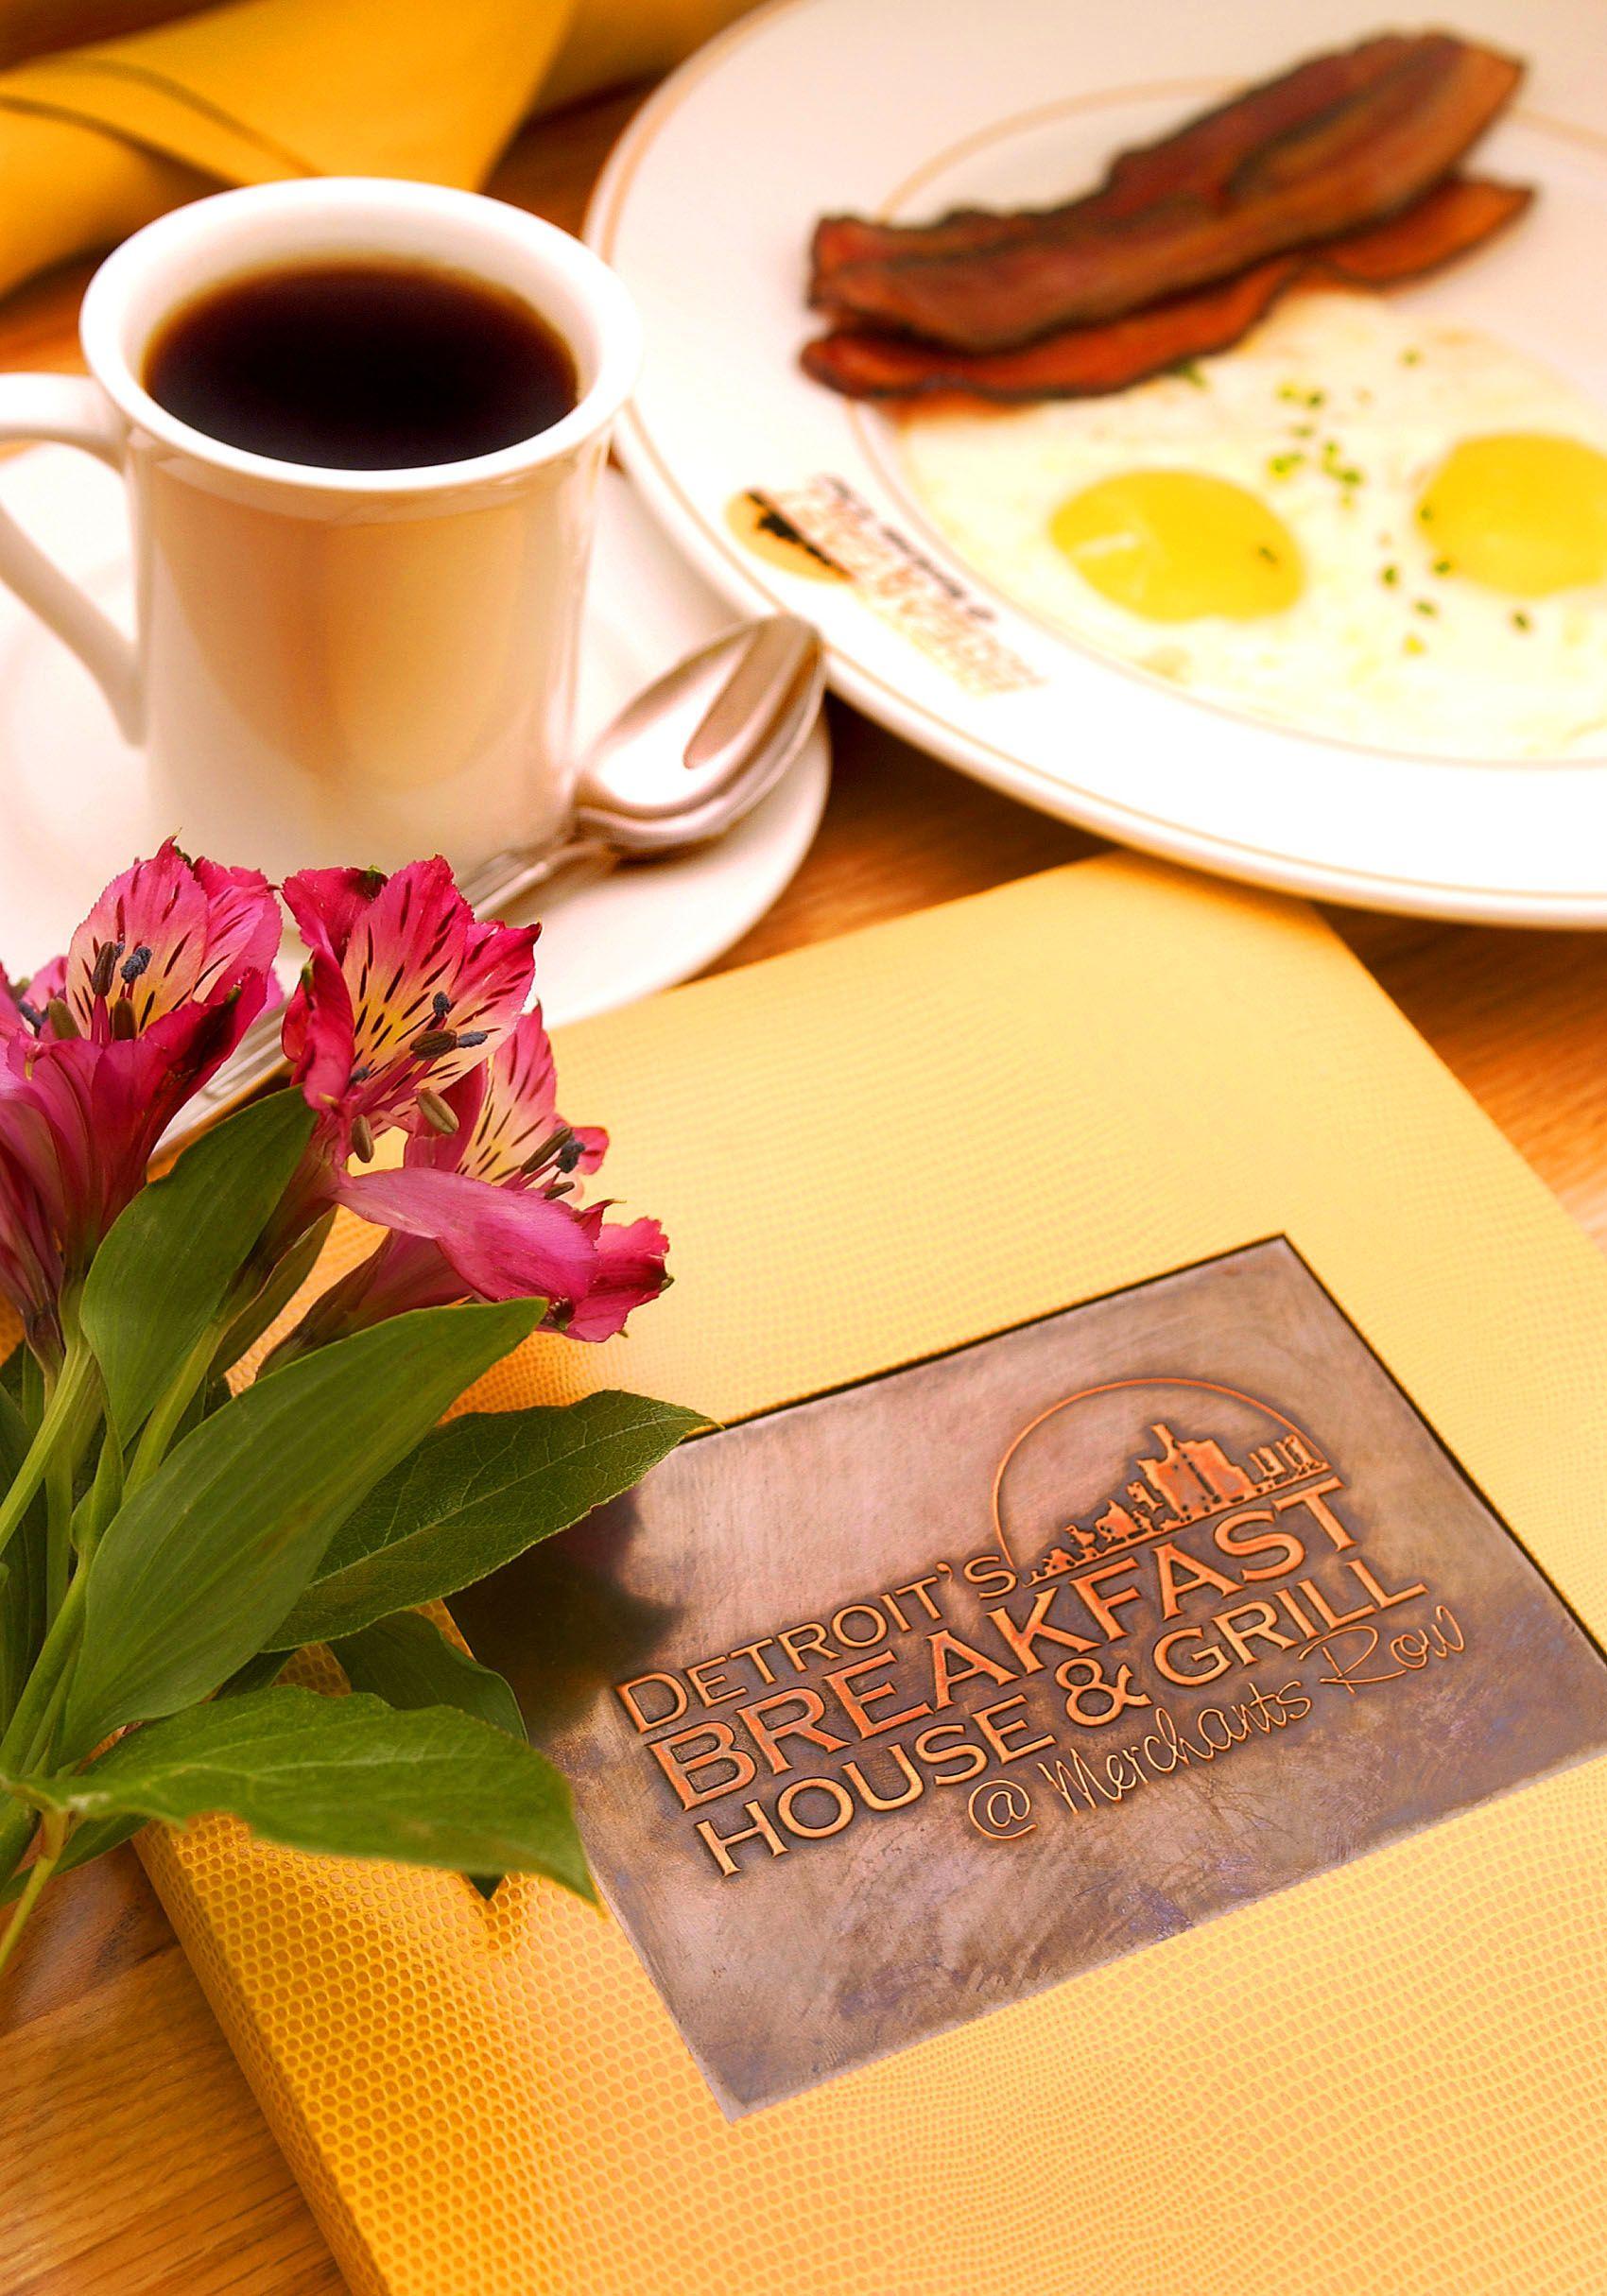 Breakfast House Menue